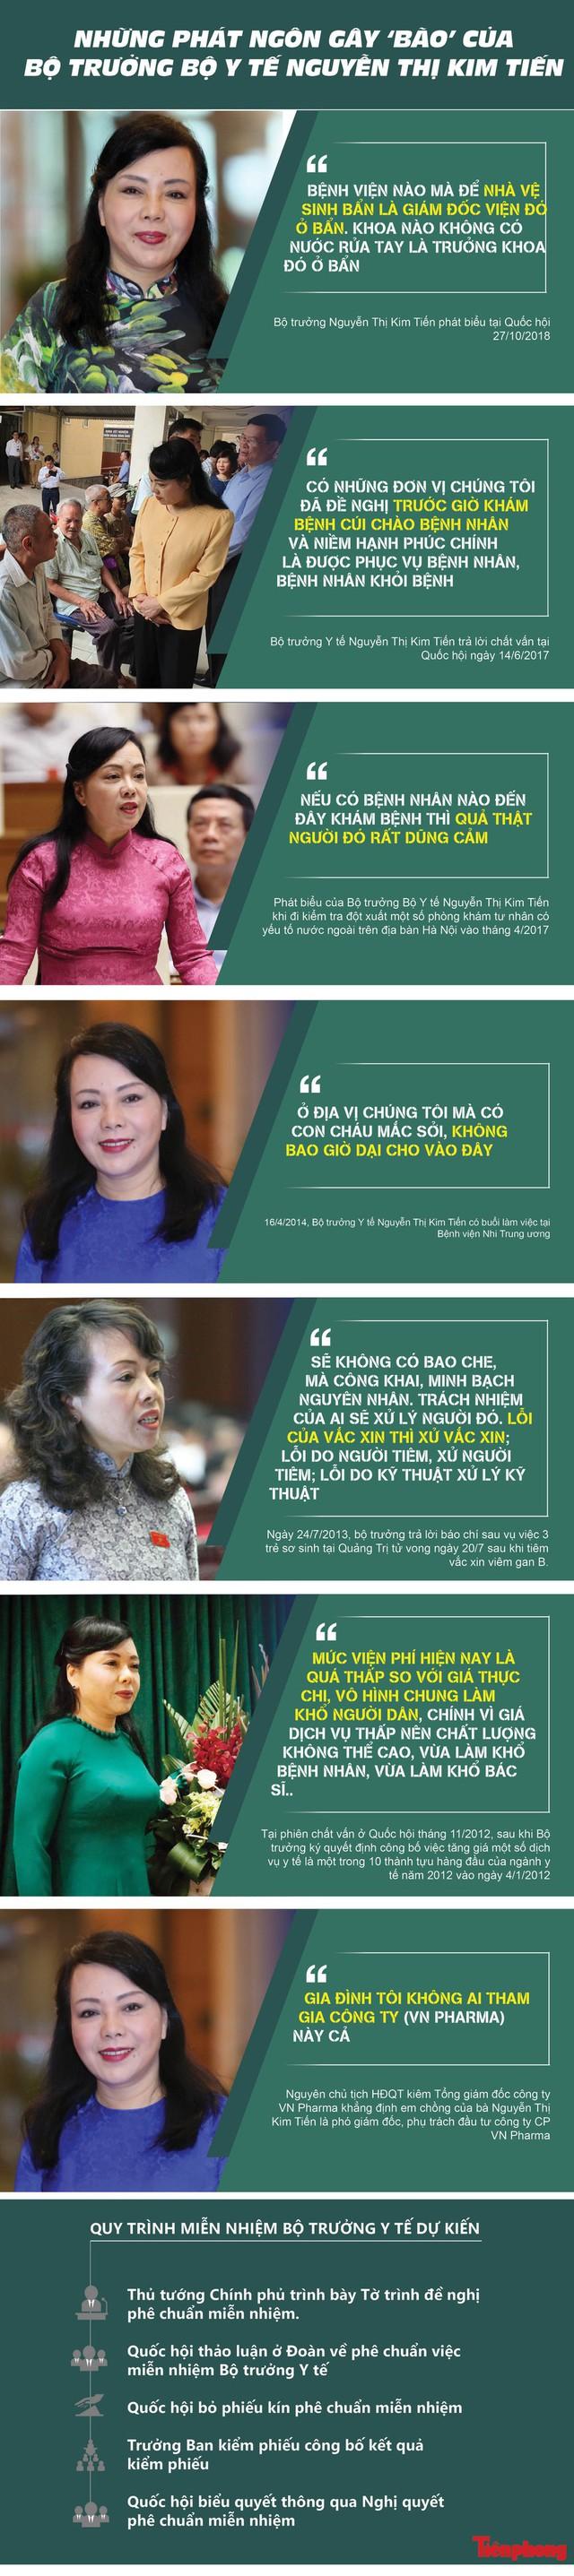 Những phát ngôn 'dậy sóng' của Bộ trưởng Y tế Nguyễn Thị Kim Tiến - Ảnh 1.